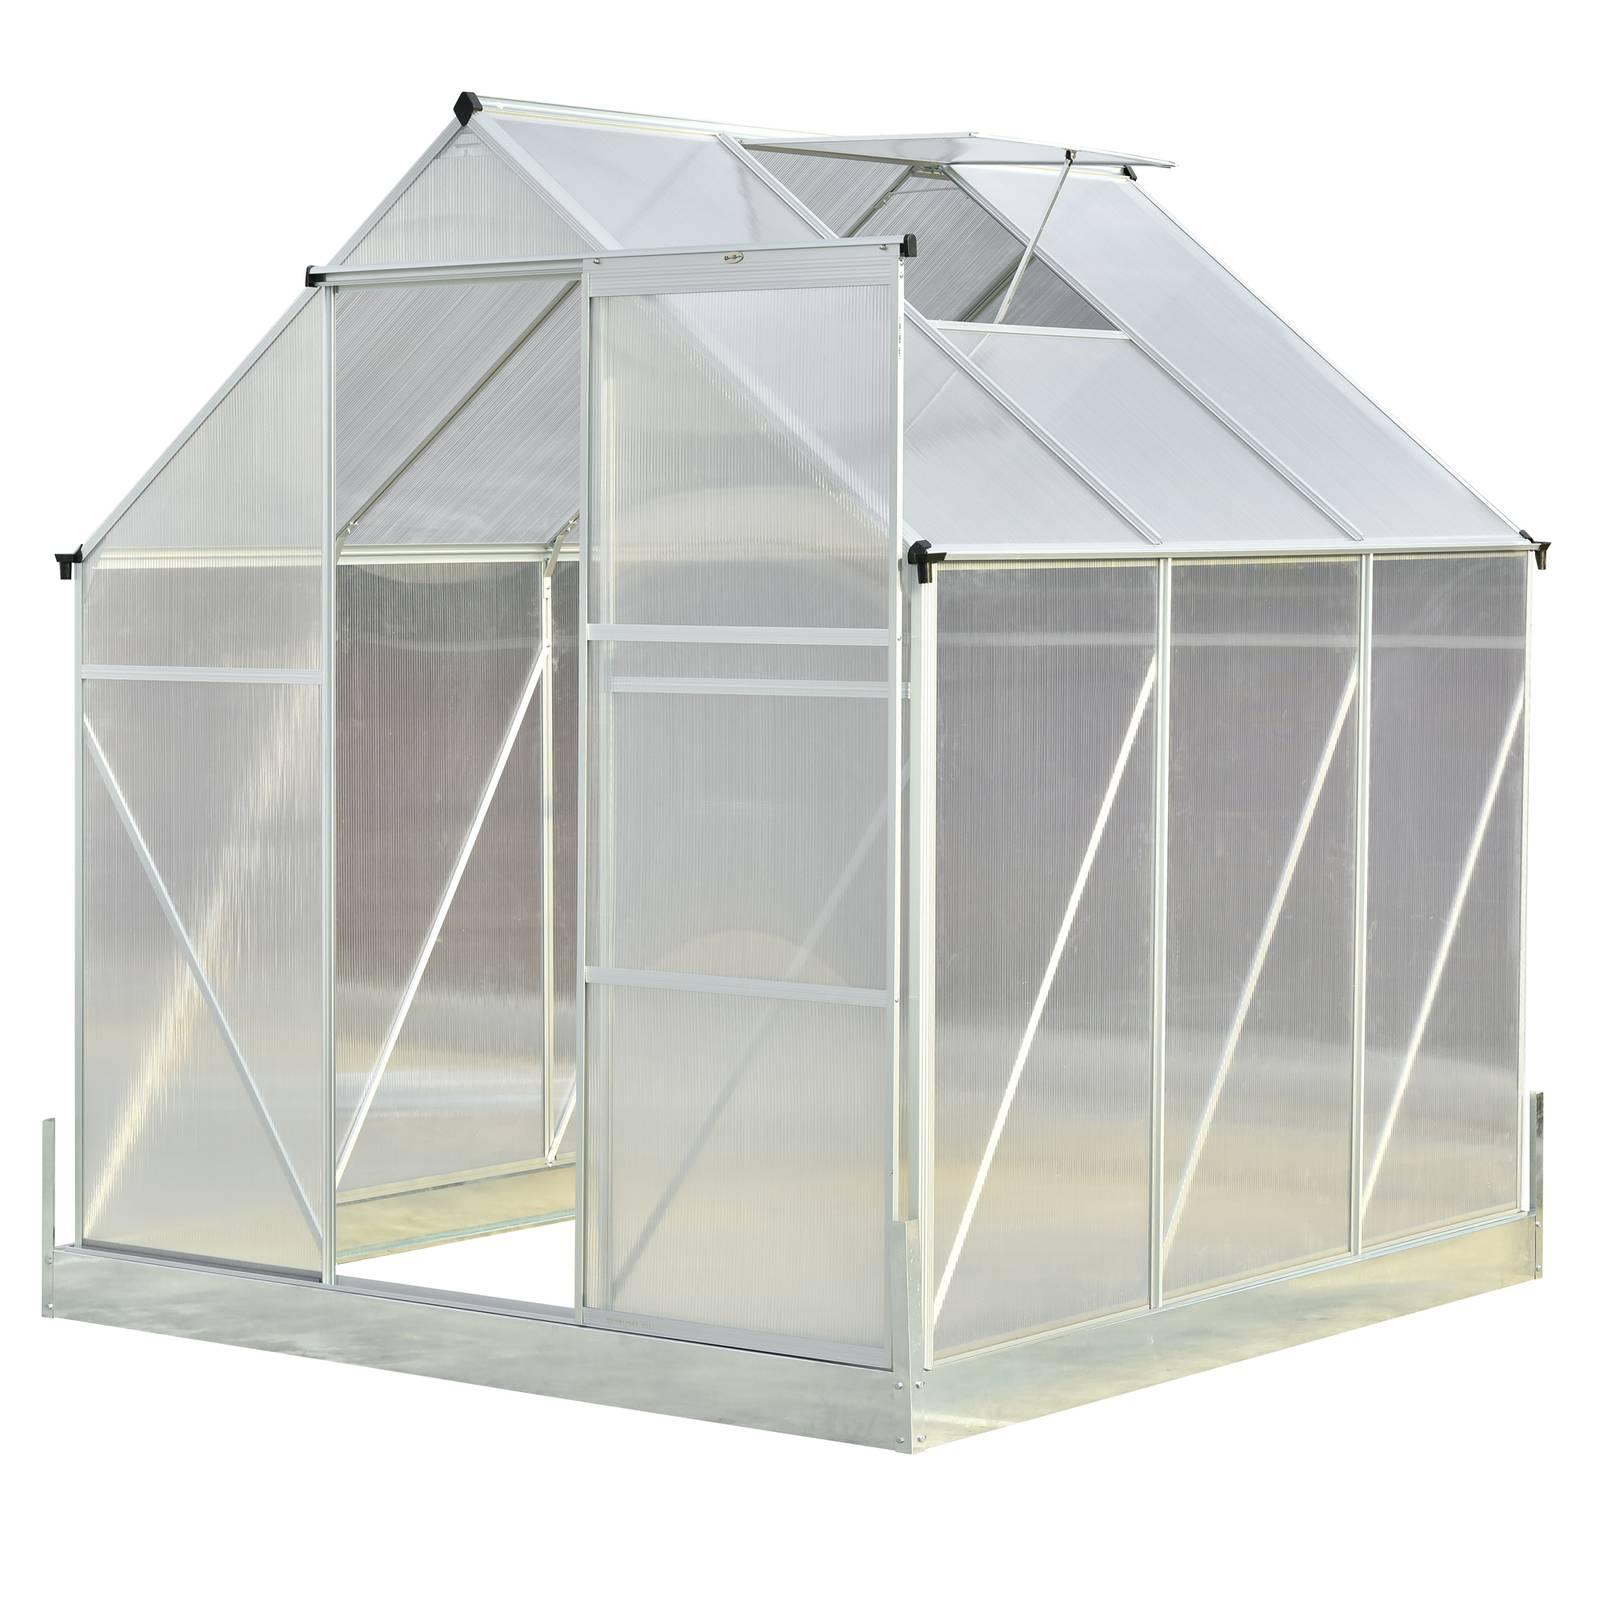 Trojdielny záhradný skleník 1,9 x 1,9 x 1,95 m PATI